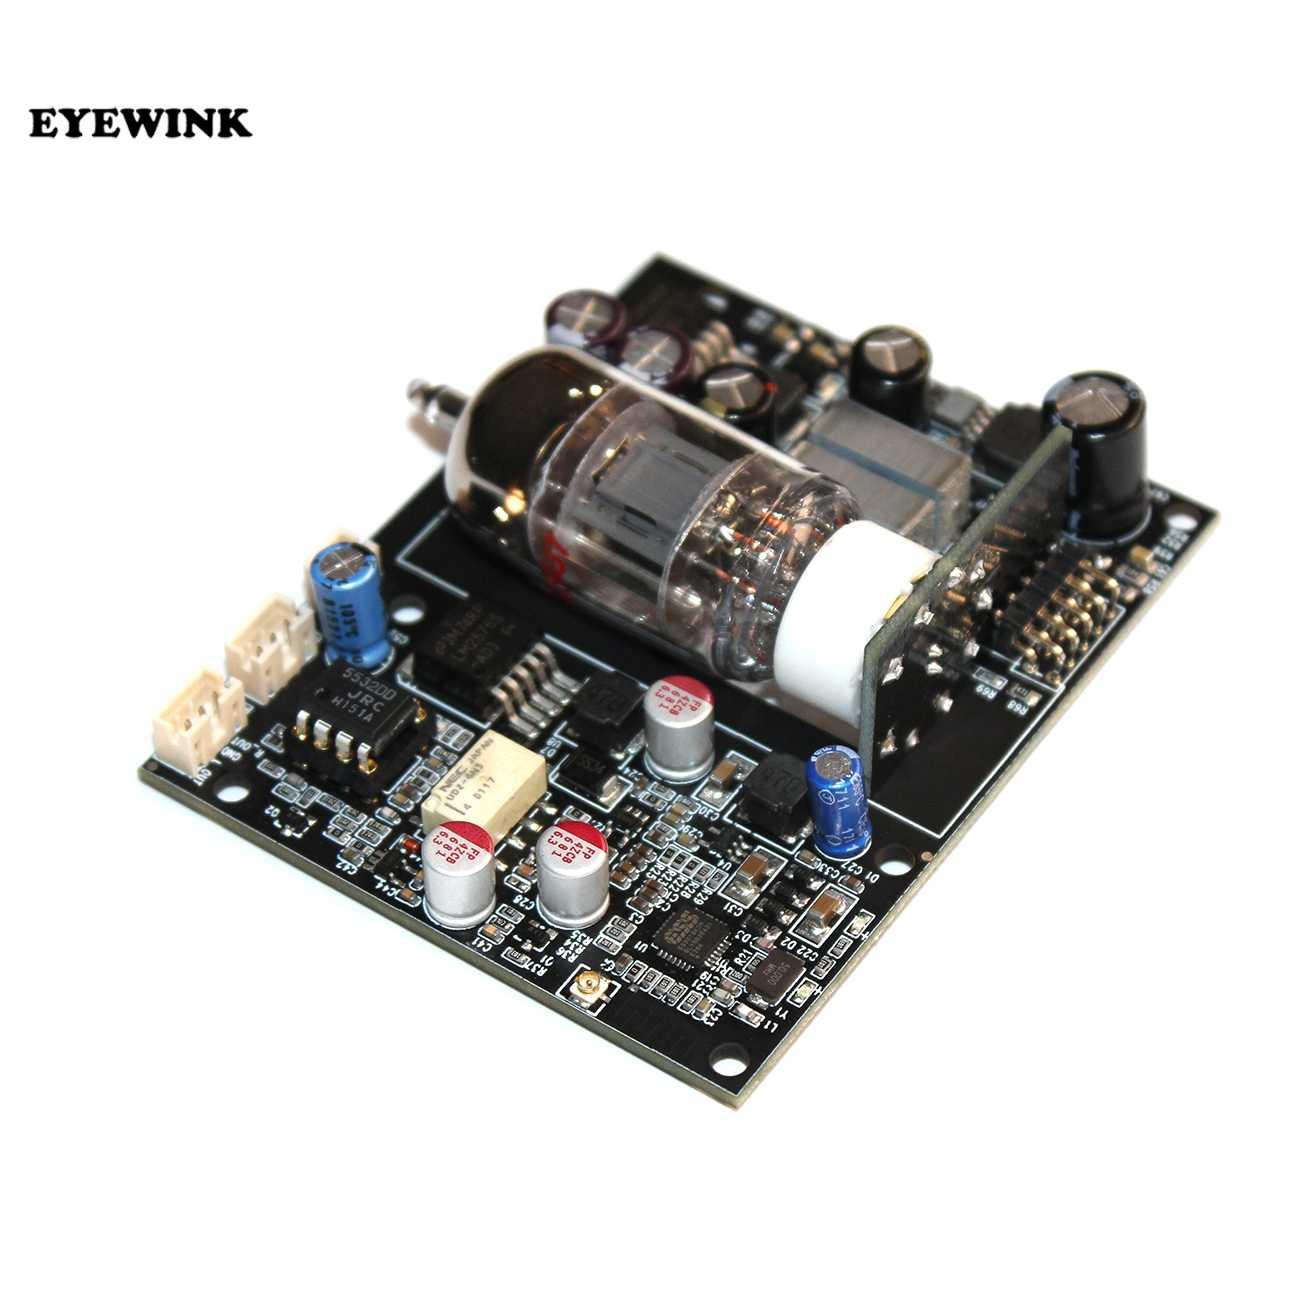 Yeni CSR8675 kablosuz adaptör Bluetooth 5.0 alıcı kurulu ES9018 I2s DAC ses şifre çözücü kurulu 24 Bit/96 kHz 12AU7 elektron tüpü